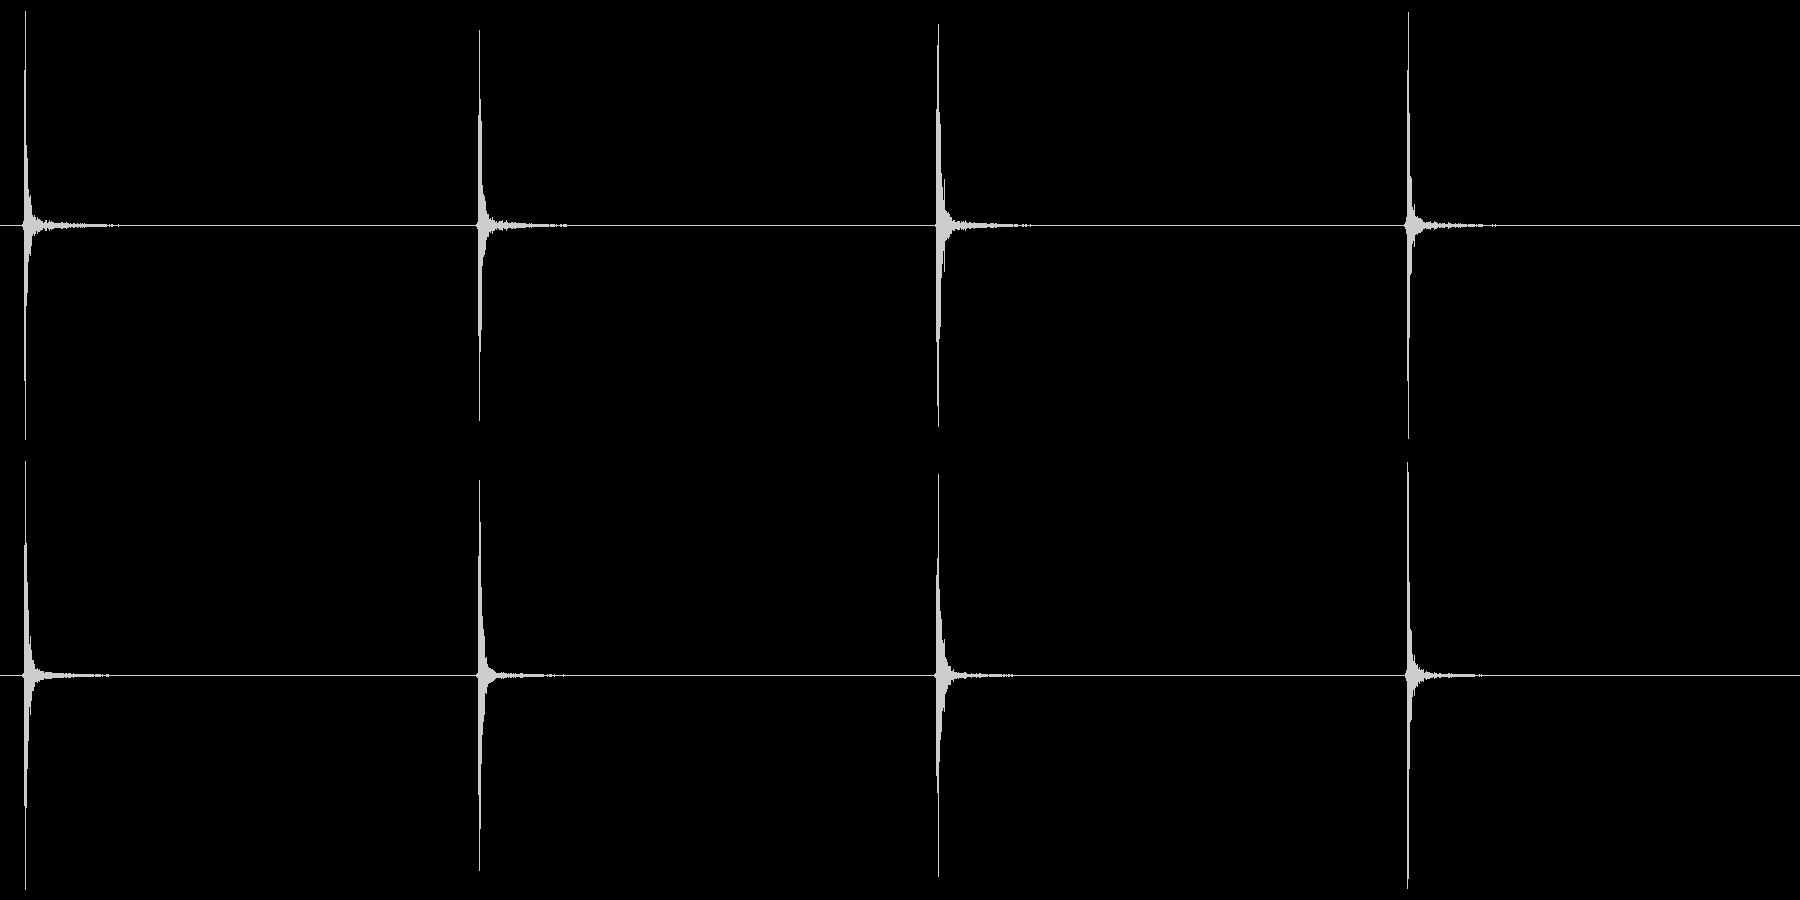 カッターの刃を伸ばす(一段ずつ)の未再生の波形